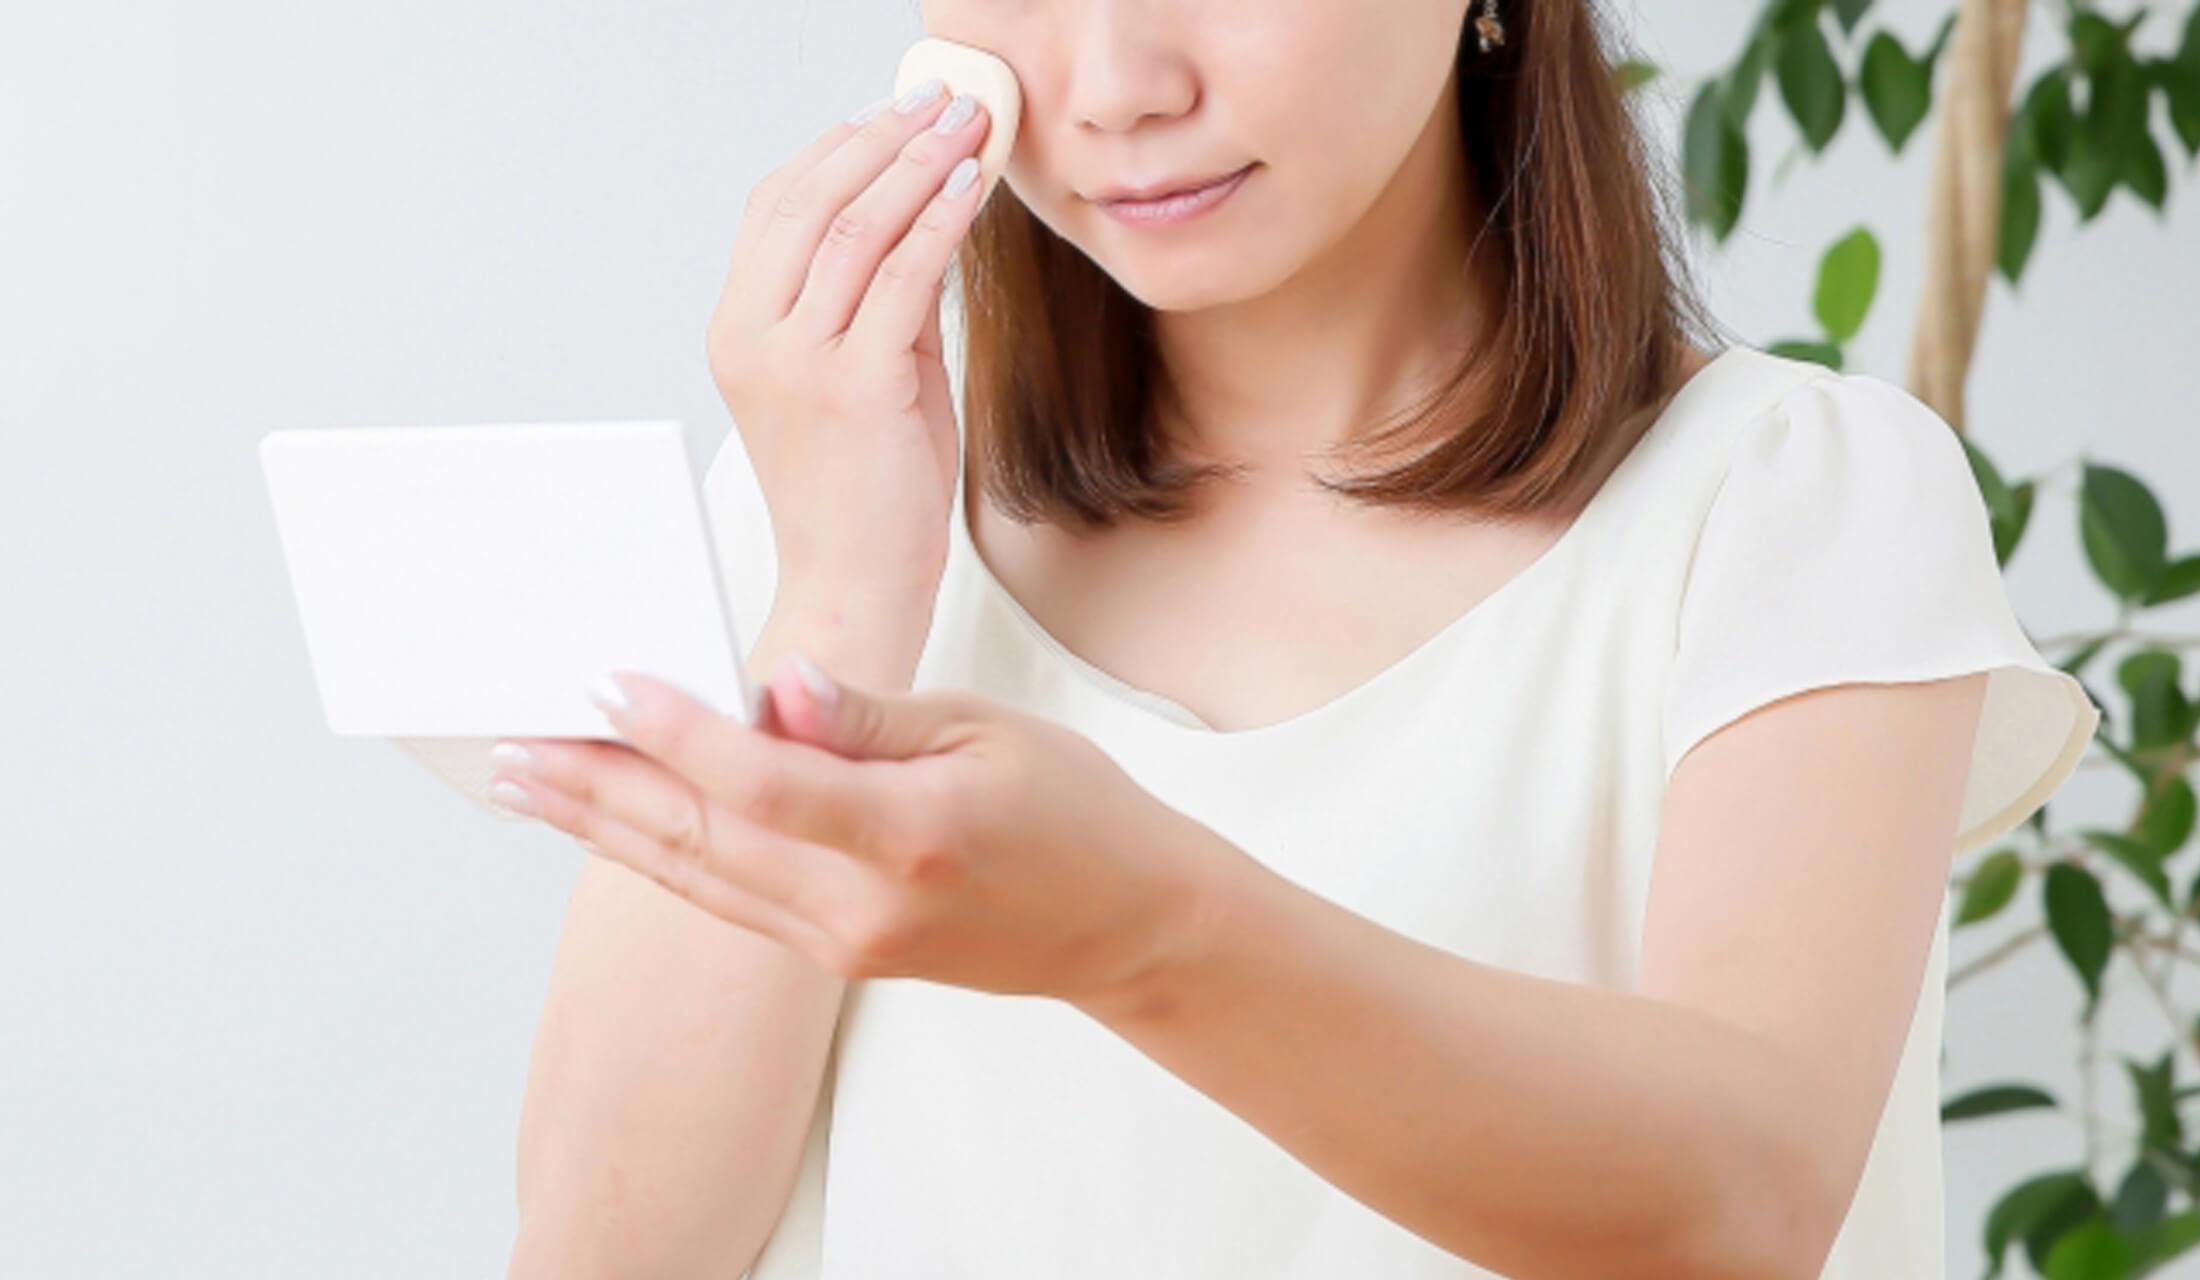 女性がコンパクトを左手に持ち、右手でパフを頬に当てながら化粧をしている